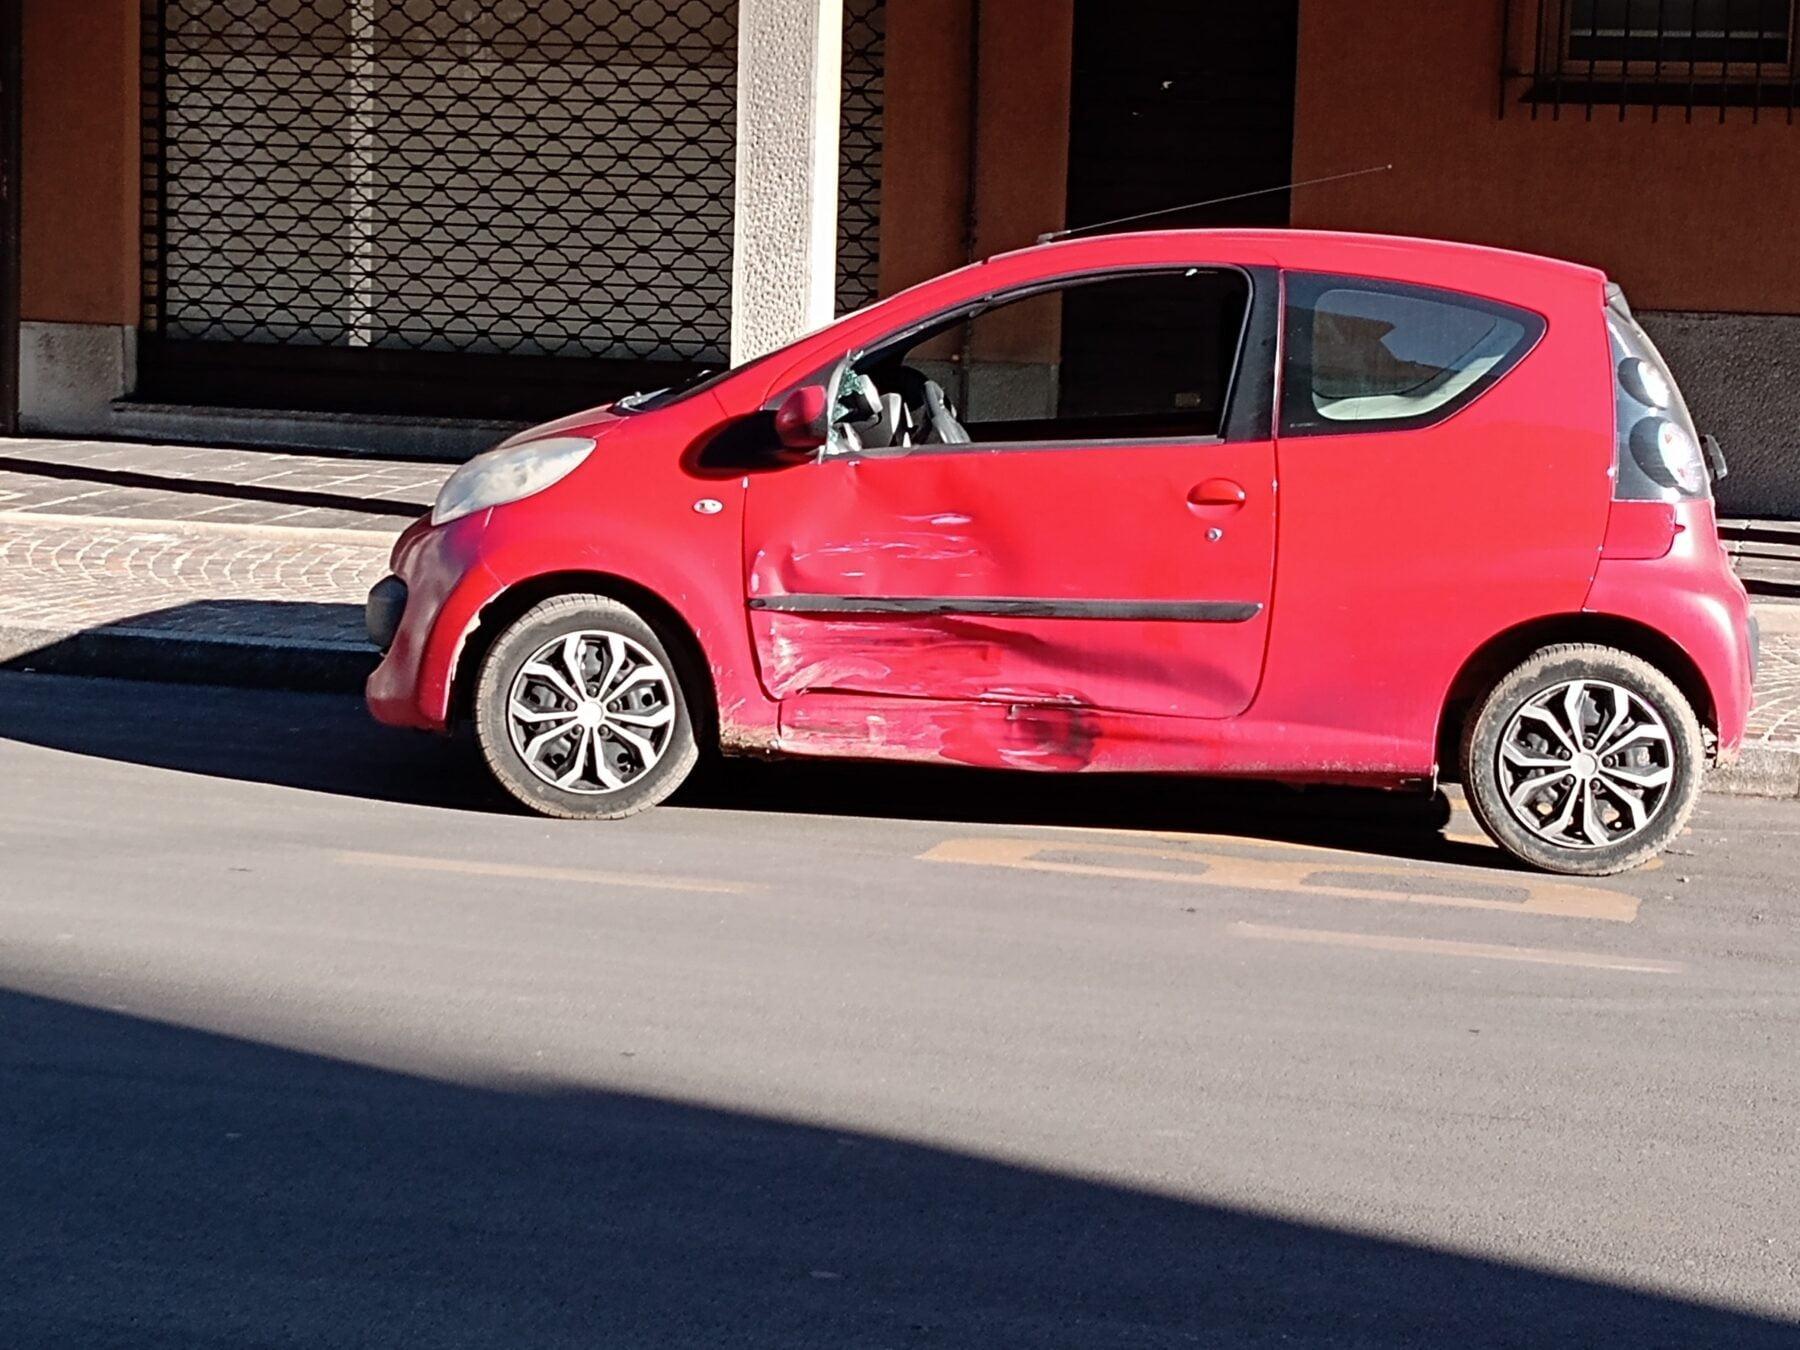 incidenti Ossona - A Ossona, via Bosi. 2 incidenti in 20 minuti 13/01/2021